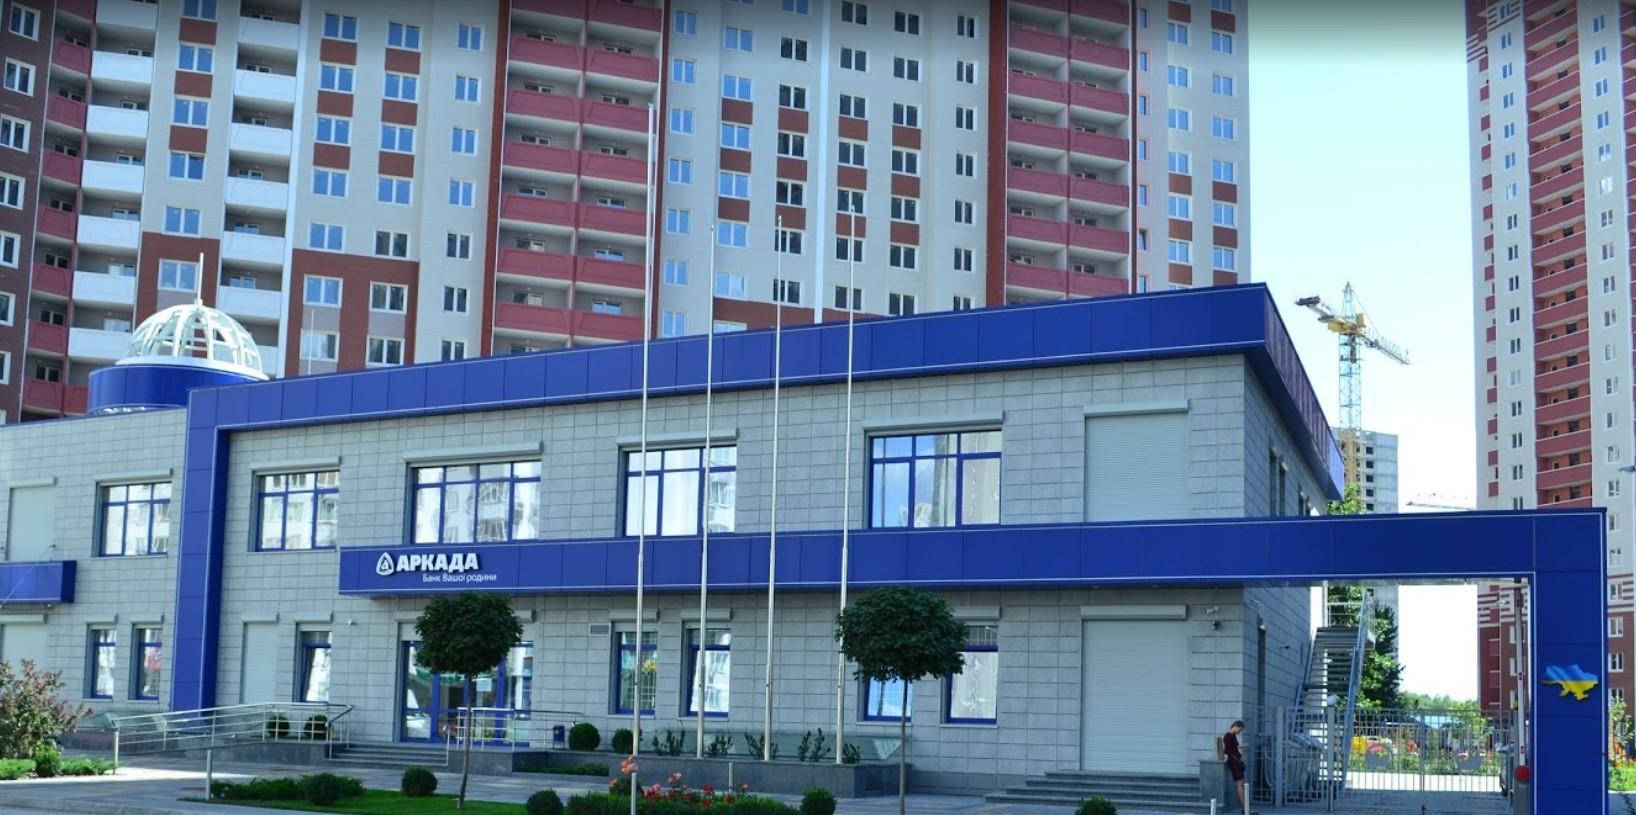 Нерухоме майно та основні засоби, а саме: 1. Блок соціально-побутового обслуговування №1, загальною площею 1 609,1 кв.м., який знаходиться за адресою: м. Київ, вул. Чавдар Єлизавети, буд. 32, реєстраційний номер 994438080000, інвентарний номер 12021. Передача покупцю частини приміщень загальною площею 581,3 кв.м (приміщення 2 поверху загальною площею 553,50 кв.м та приміщеннями №5, №8 підвалу загальною площею 27,80 кв.м), розташованих в будівлі за адресою: м. Київ, вул. Чавдар Єлизавети, буд. 32, відбудеться у строк до завершення процедури ліквідації АТ АКБ «АРКАДА», до настання вказаного строку АТ АКБ «АРКАДА» користується зазначеним майном на безоплатній основі. Отримані АТ АКБ «АРКАДА» від орендодавців гарантійні платежі за останній місяць оренди, а також отримані орендні платежі за місяць, в якому відбудеться передача майна АТ АКБ «АРКАДА» покупцю не компенсуються. Покупець компенсує АТ АКБ «АРКАДА» авансовані платежі за комунальні послуги нерухомого майна, за адресою: м. Київ, вул. Чавдар Єлизавети, буд. 32; 2. Основні засоби у кількості 44 одиниці згідно з переліком, що наведений в публічному паспорті активу.